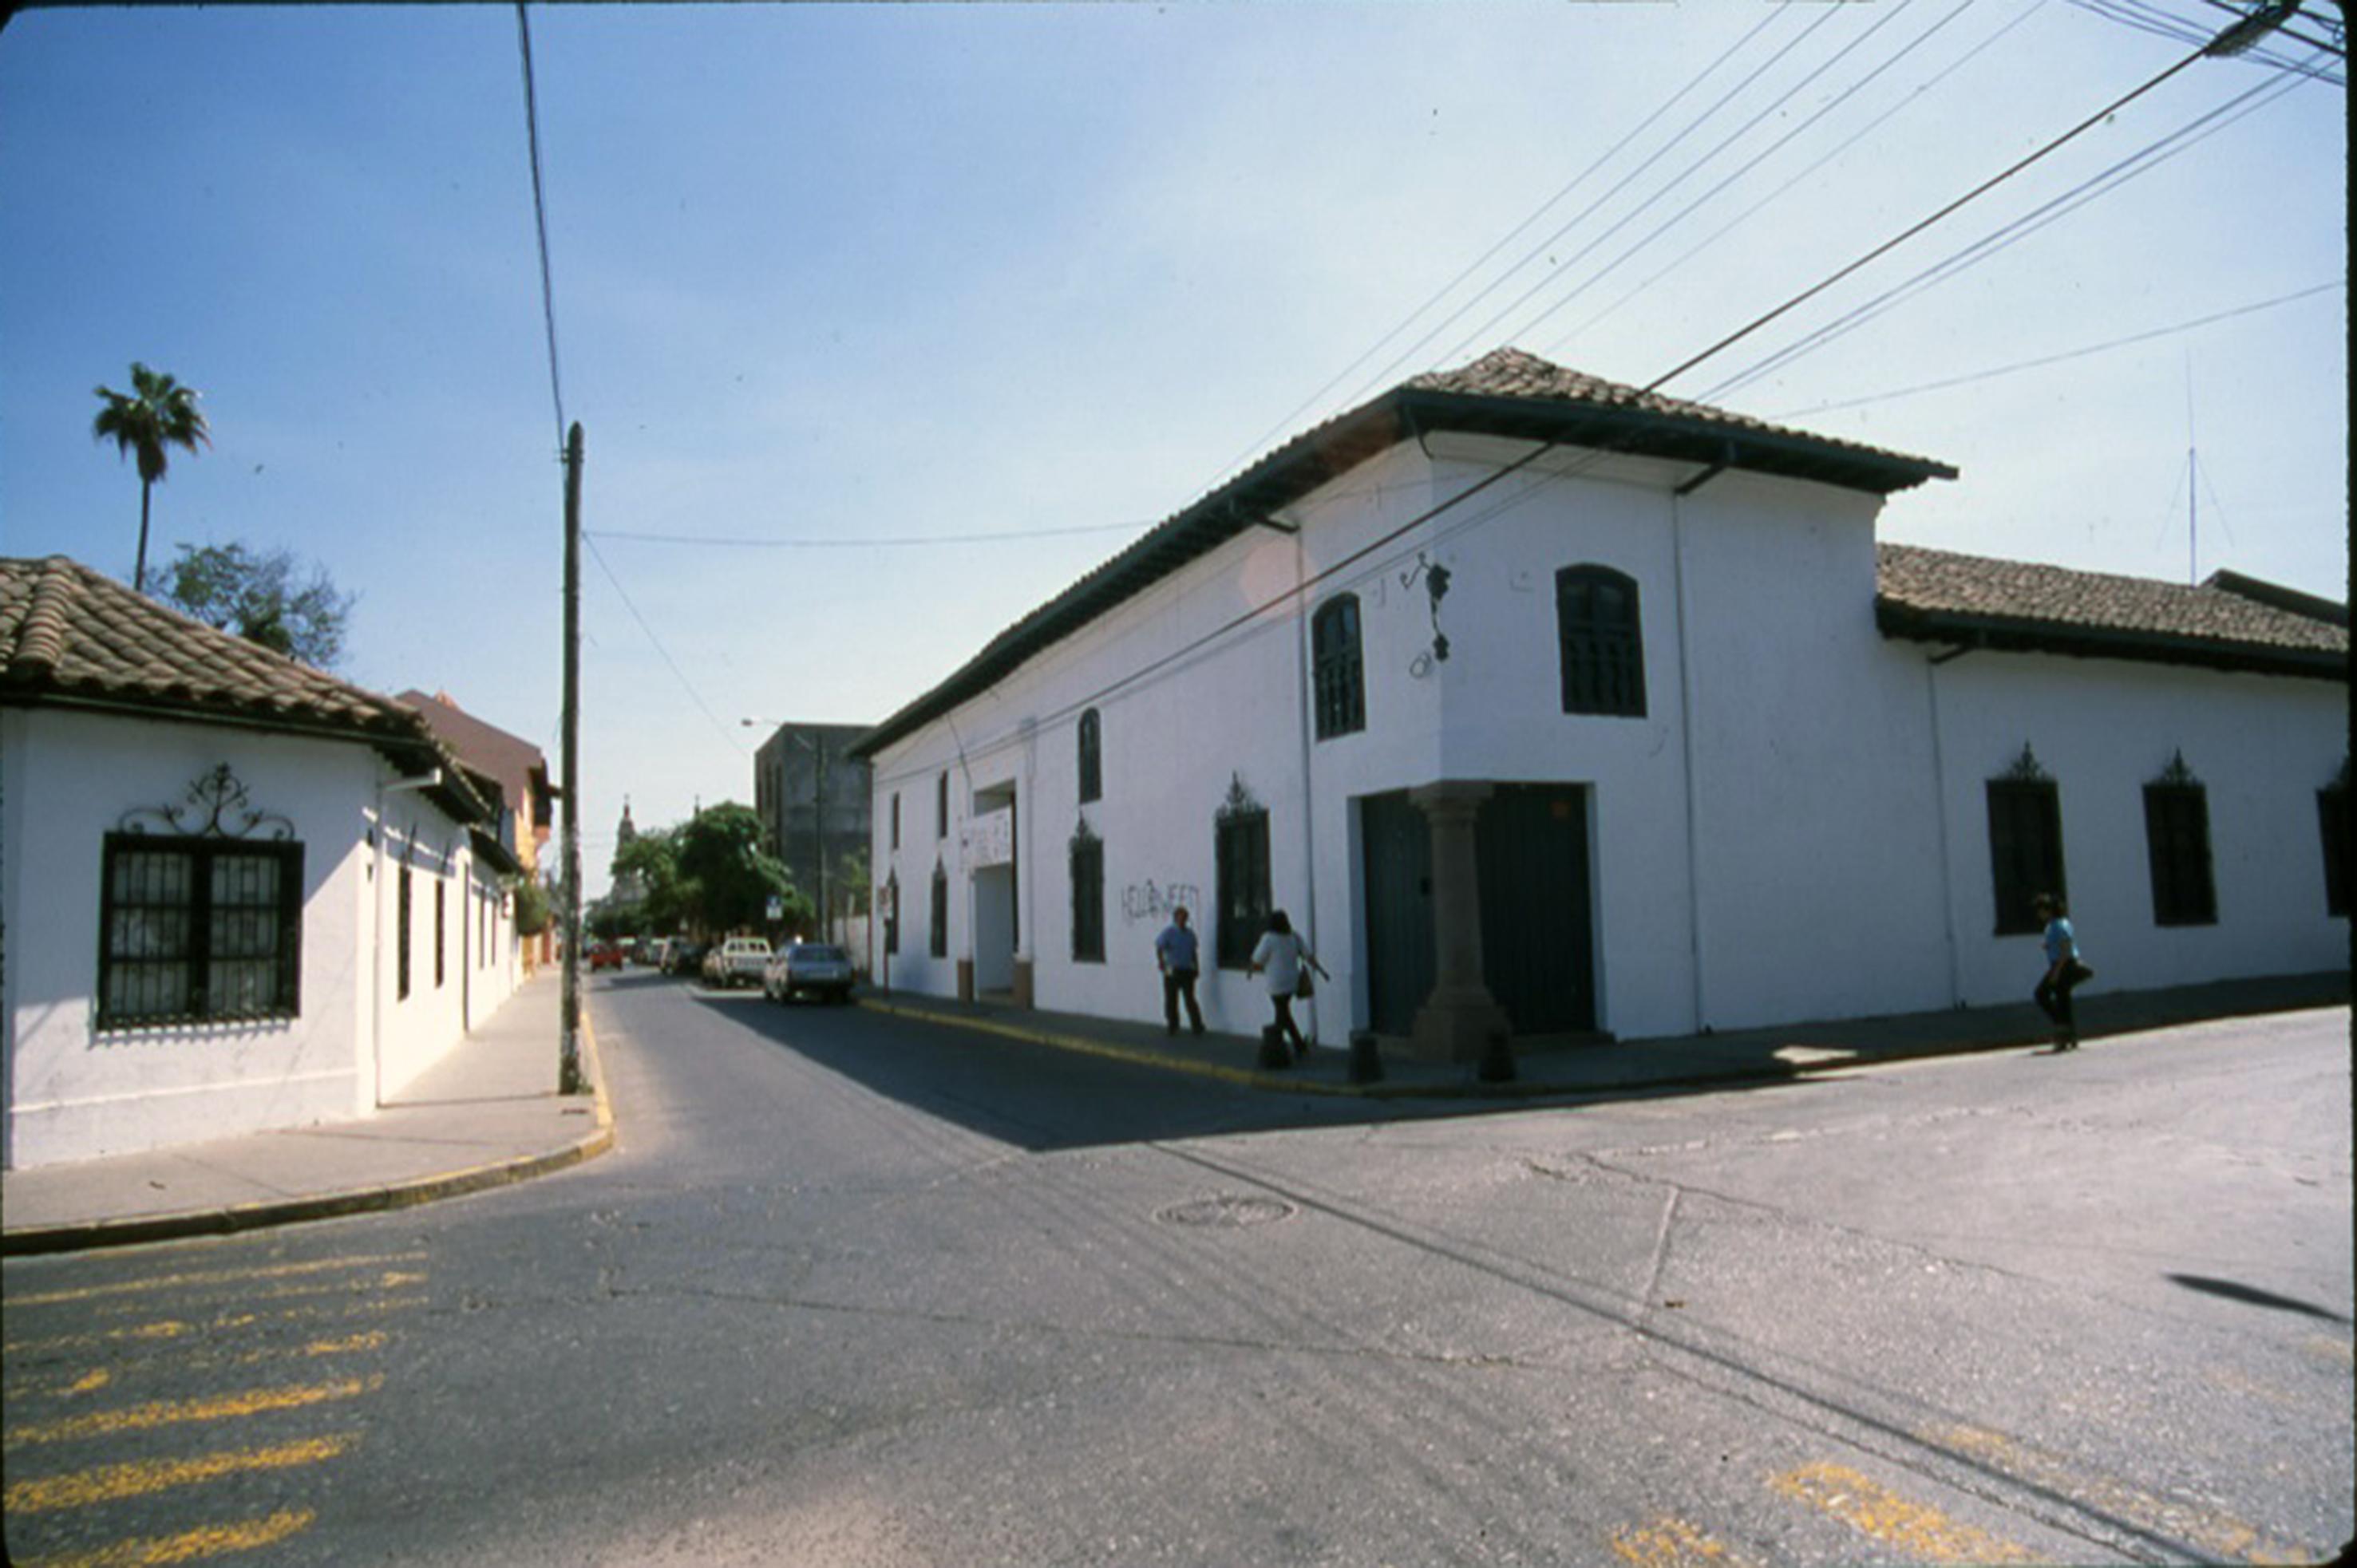 Enterreno - Fotos históricas de chile - fotos antiguas de Chile - Museo Regional de Rancagua en 1999